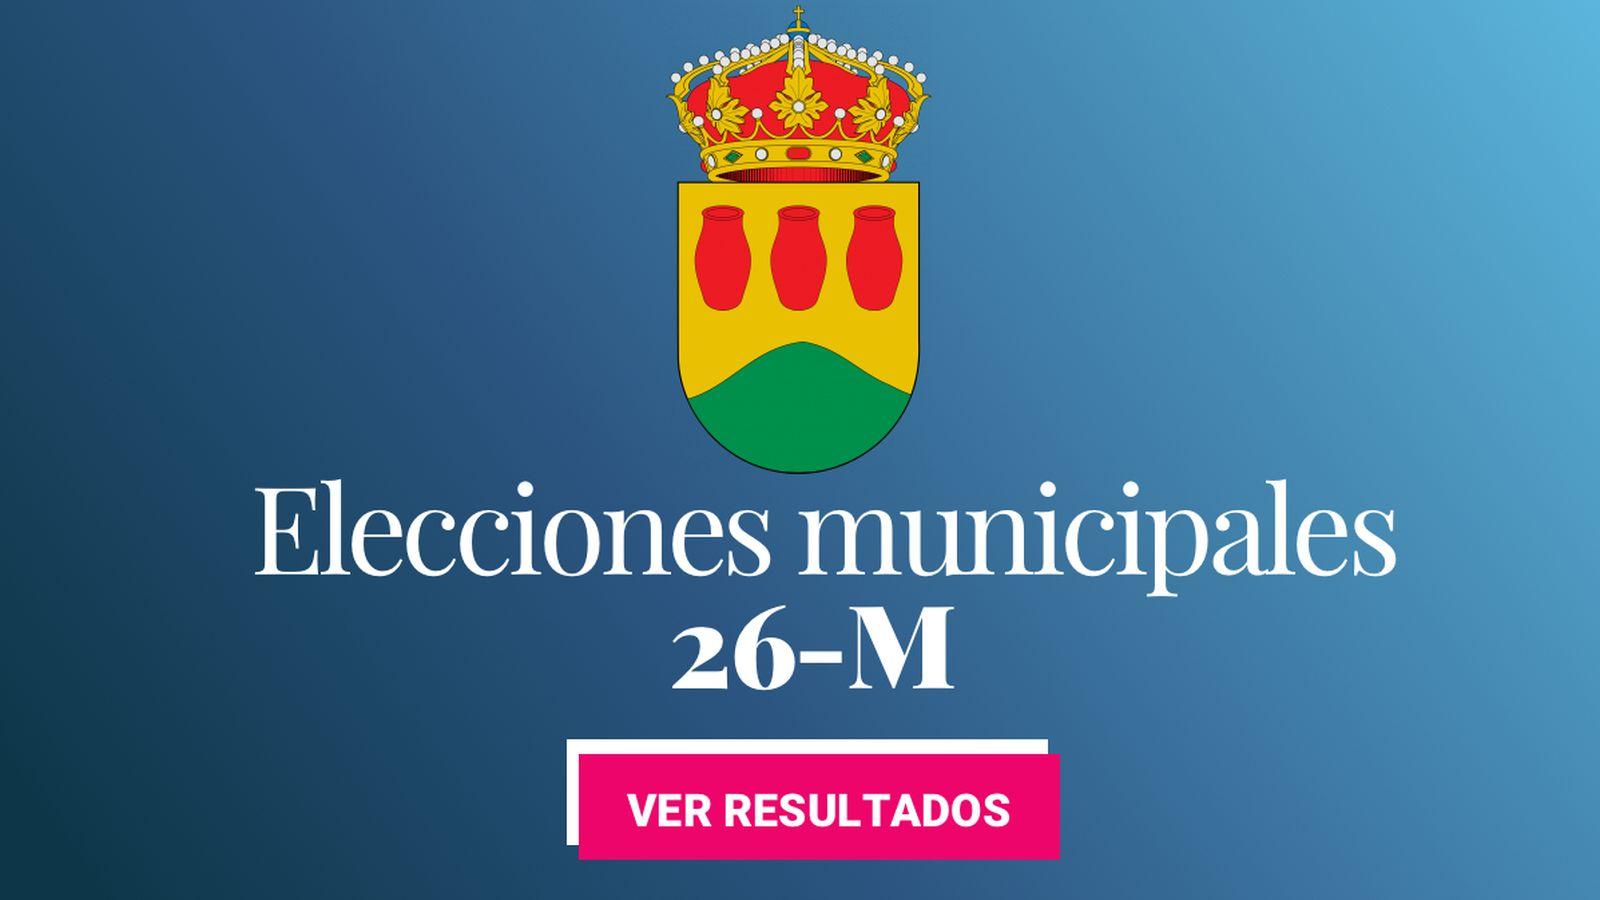 Foto: Elecciones municipales 2019 en Alcorcón. (C.C./EC)